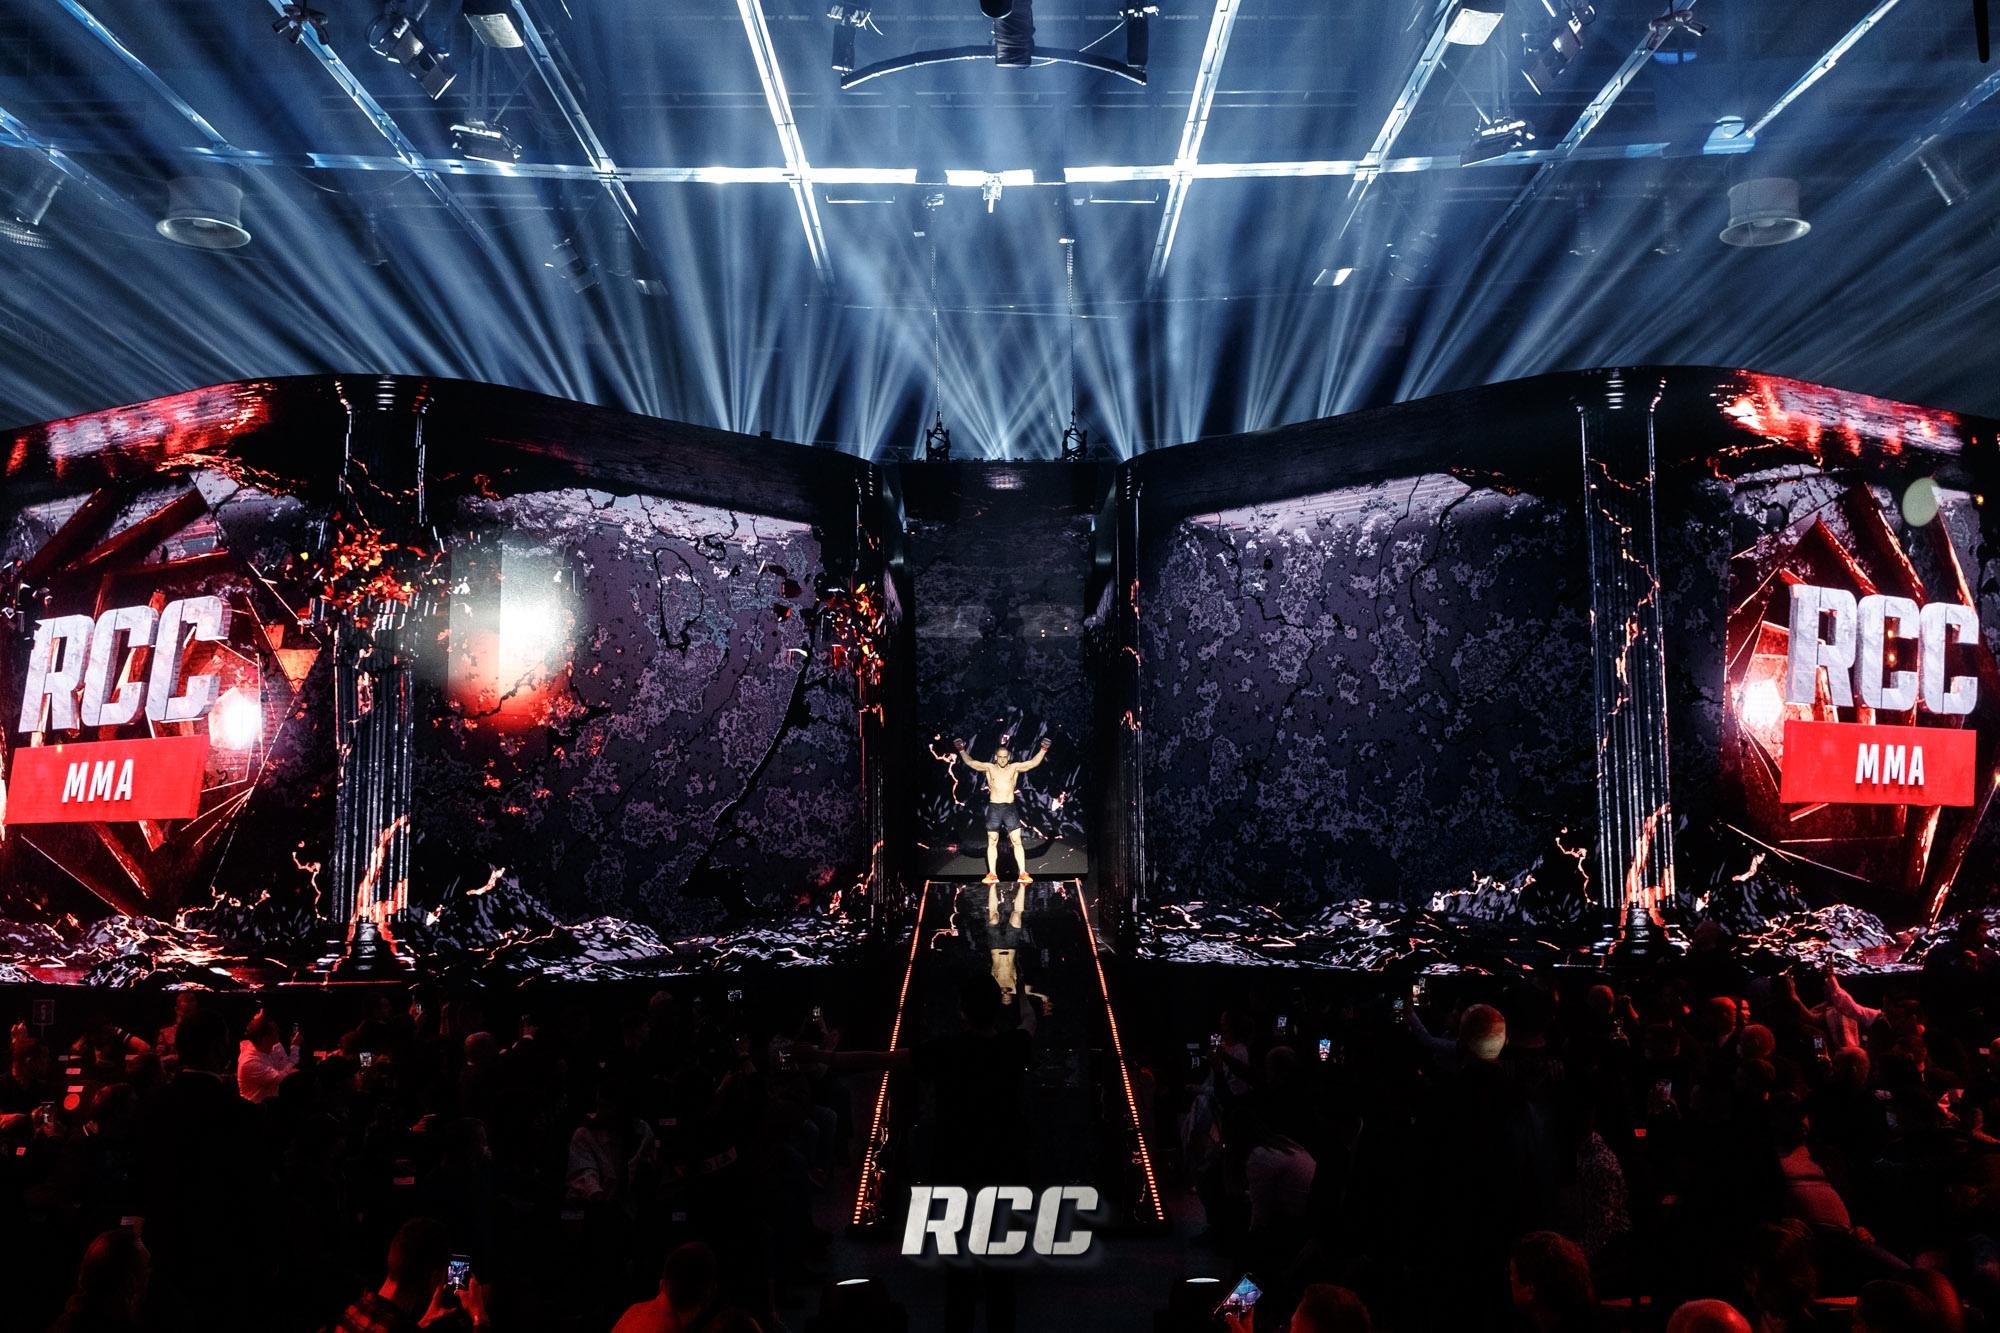 Василевский одержал победу над Андраде. Бой стал главным событием RCC 9